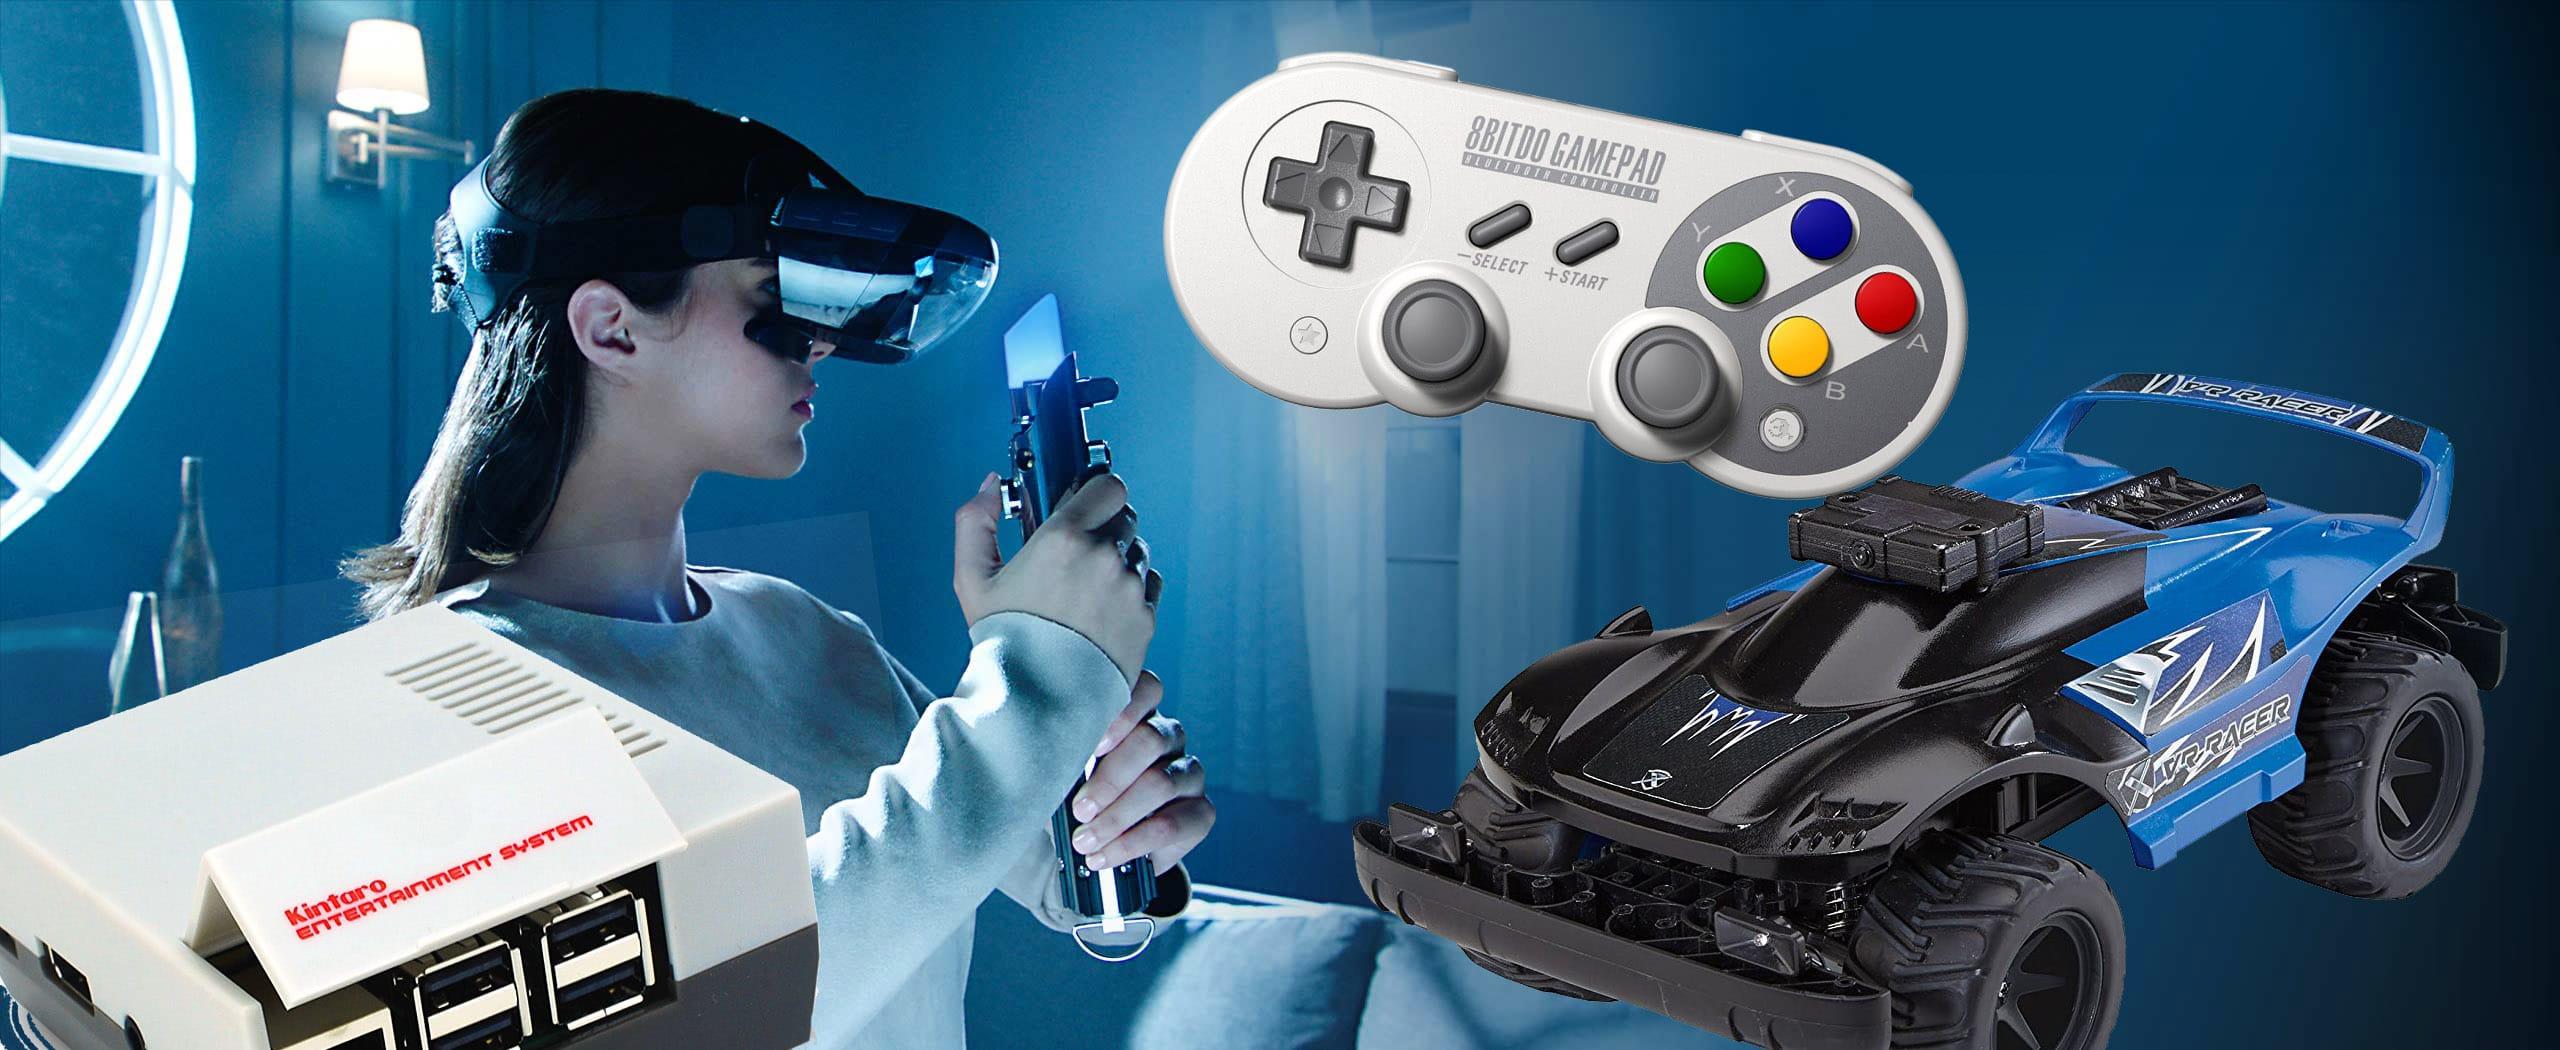 Coole Gaming Gadgets zu Weihnachten.